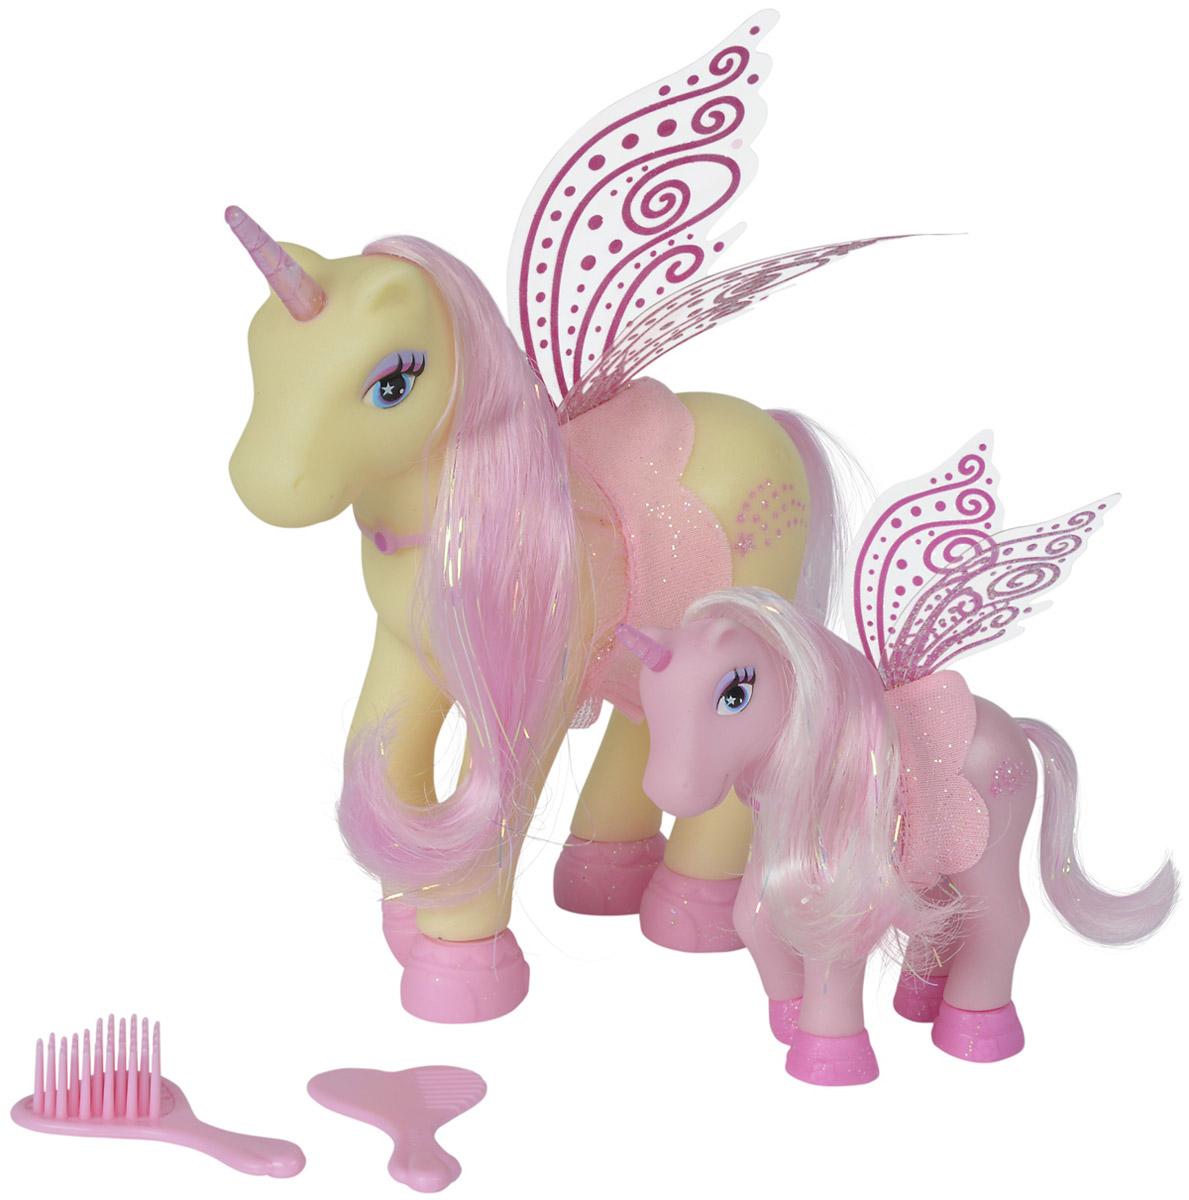 Simba Набор фигурок Сказочные пони-феи цвет желтый светло-розовый 2 шт5945234_желтый, светло-розовыйНабор фигурок Simba Сказочные пони-феи понравится любой малышке, особенно если она любит играть с единорогами. В набор входят две фигурки единорогов-фей - сказочный единорог мама и ее детеныш. Единороги имеют крылья, а также длинные шелковистые гривы, которые можно расчесывать (в набор входят две расчески), создавая разнообразные прически. На пони надеты стильные накидки с оборками.